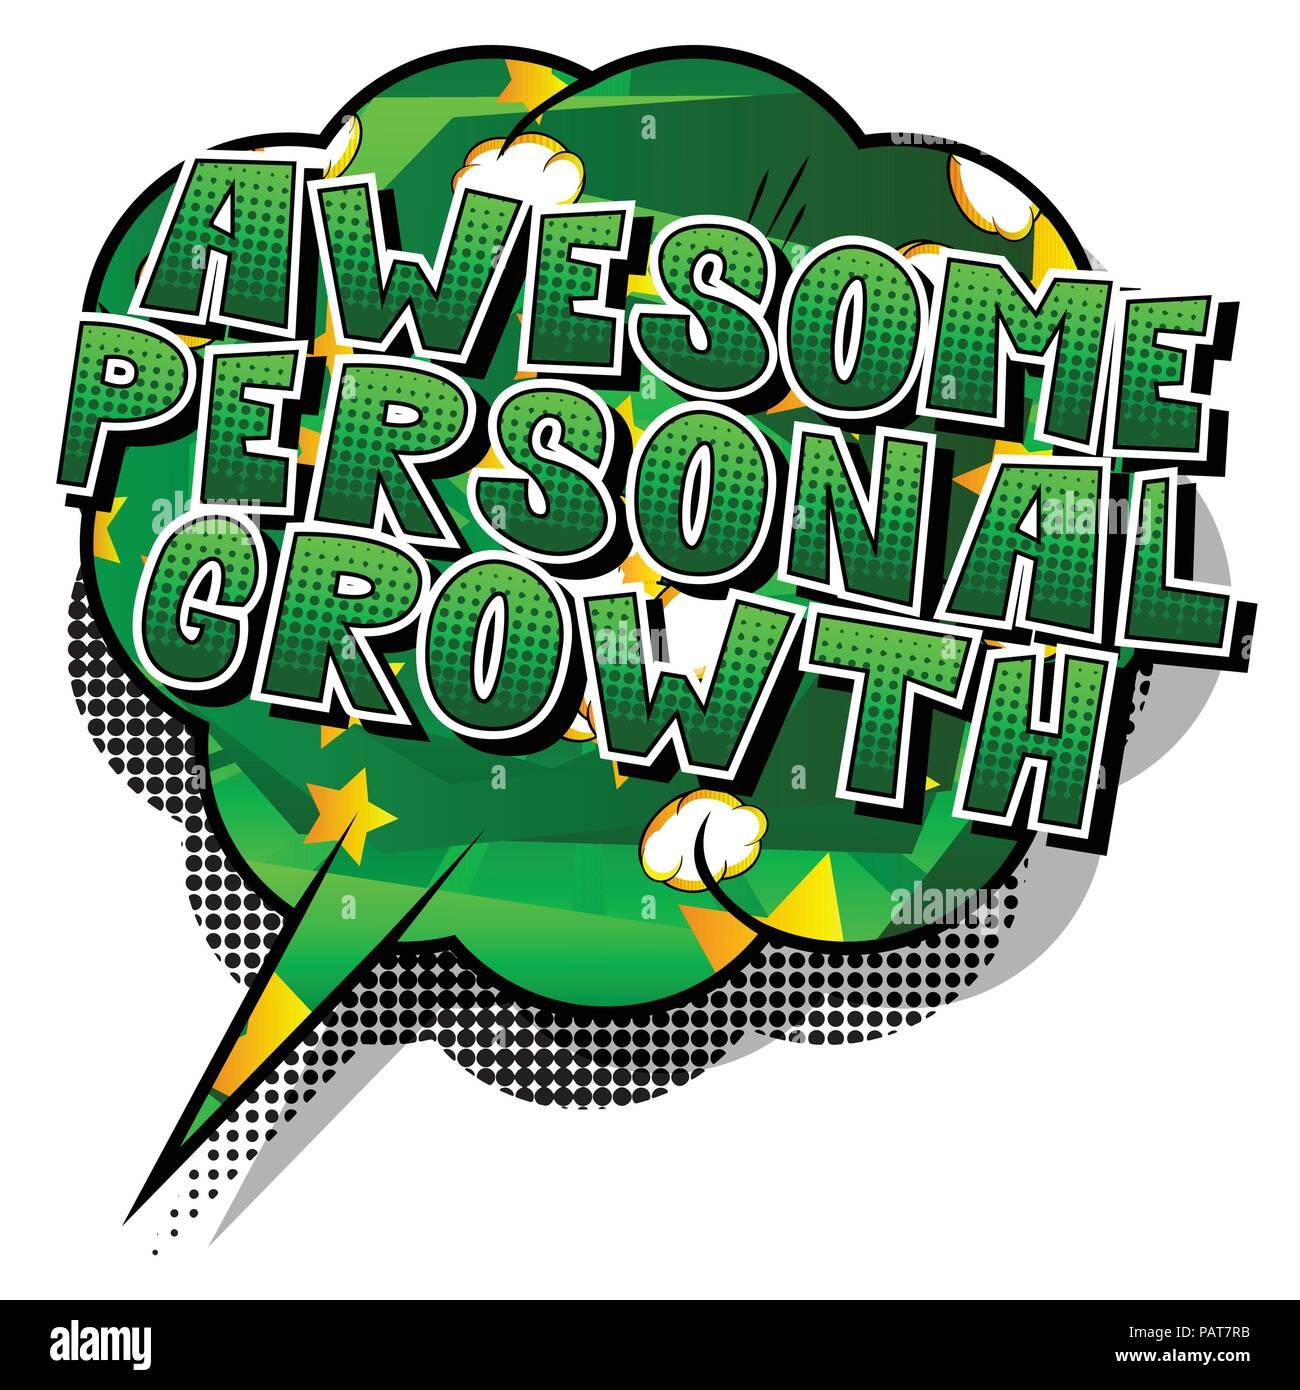 Impresionante Crecimiento Personal - estilo cómic palabra sobre fondo abstracto. Ilustración del Vector